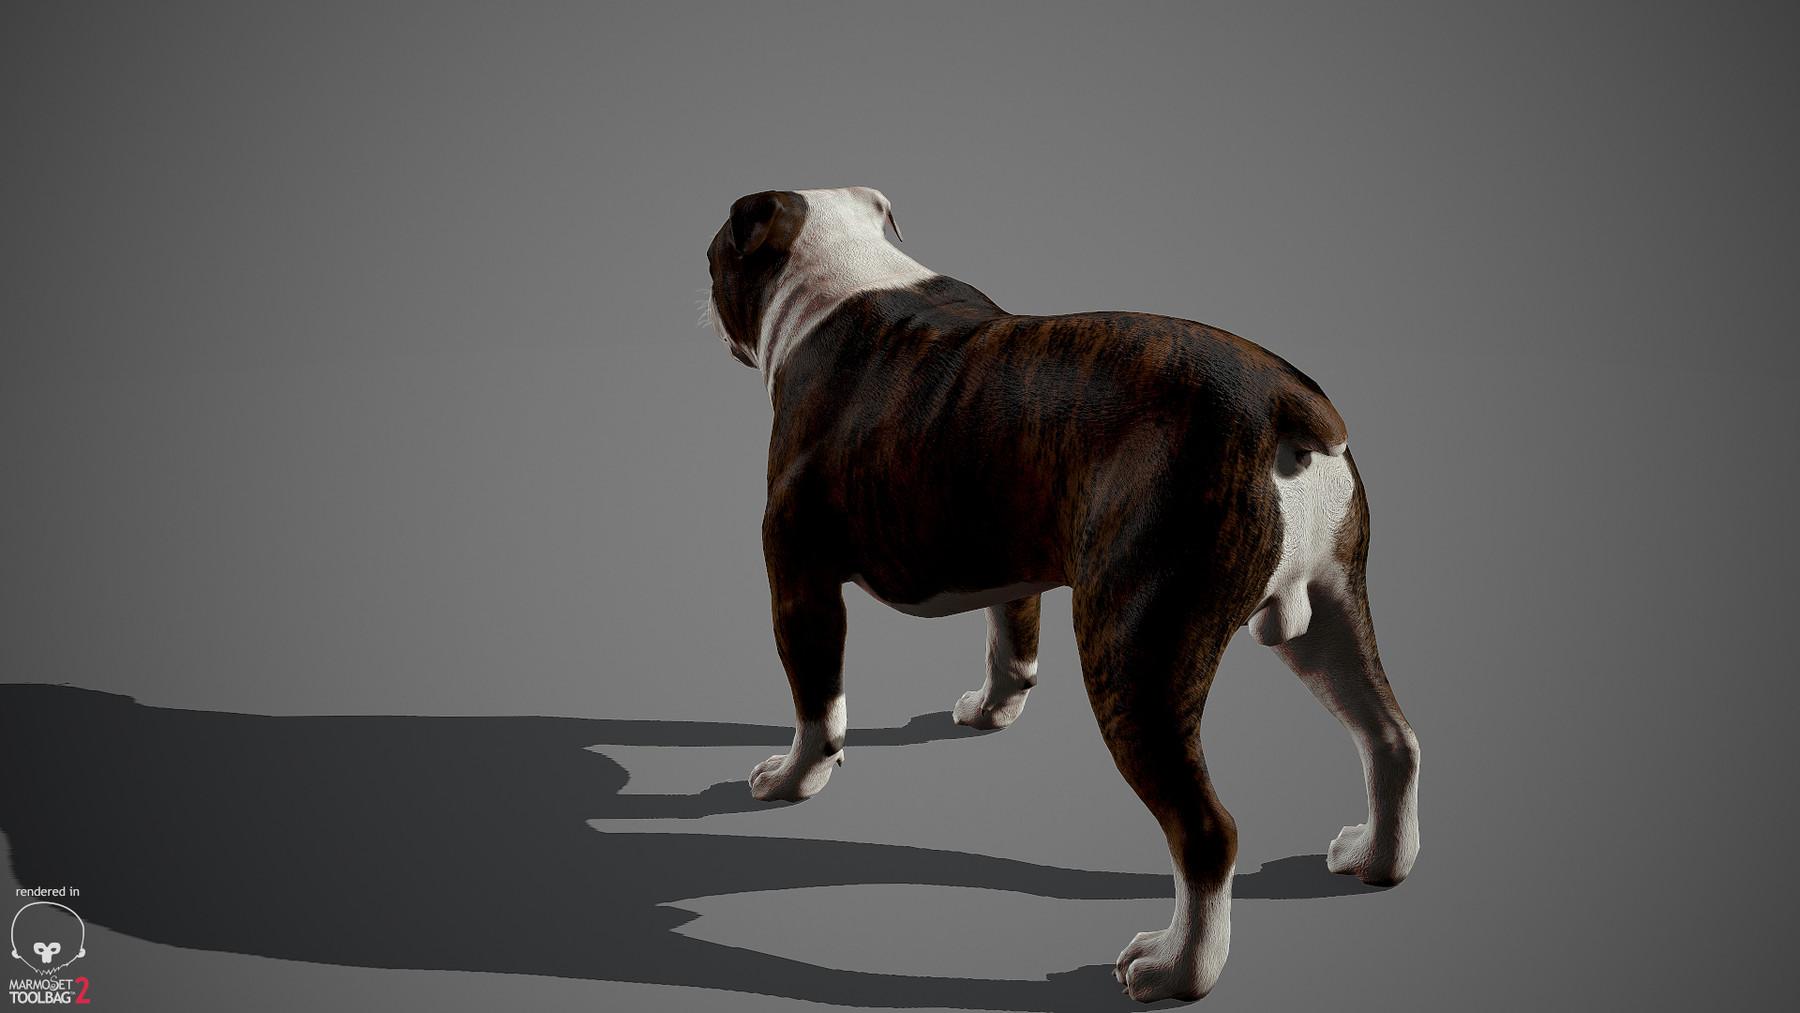 Englishbulldog by alexlashko marmoset 29